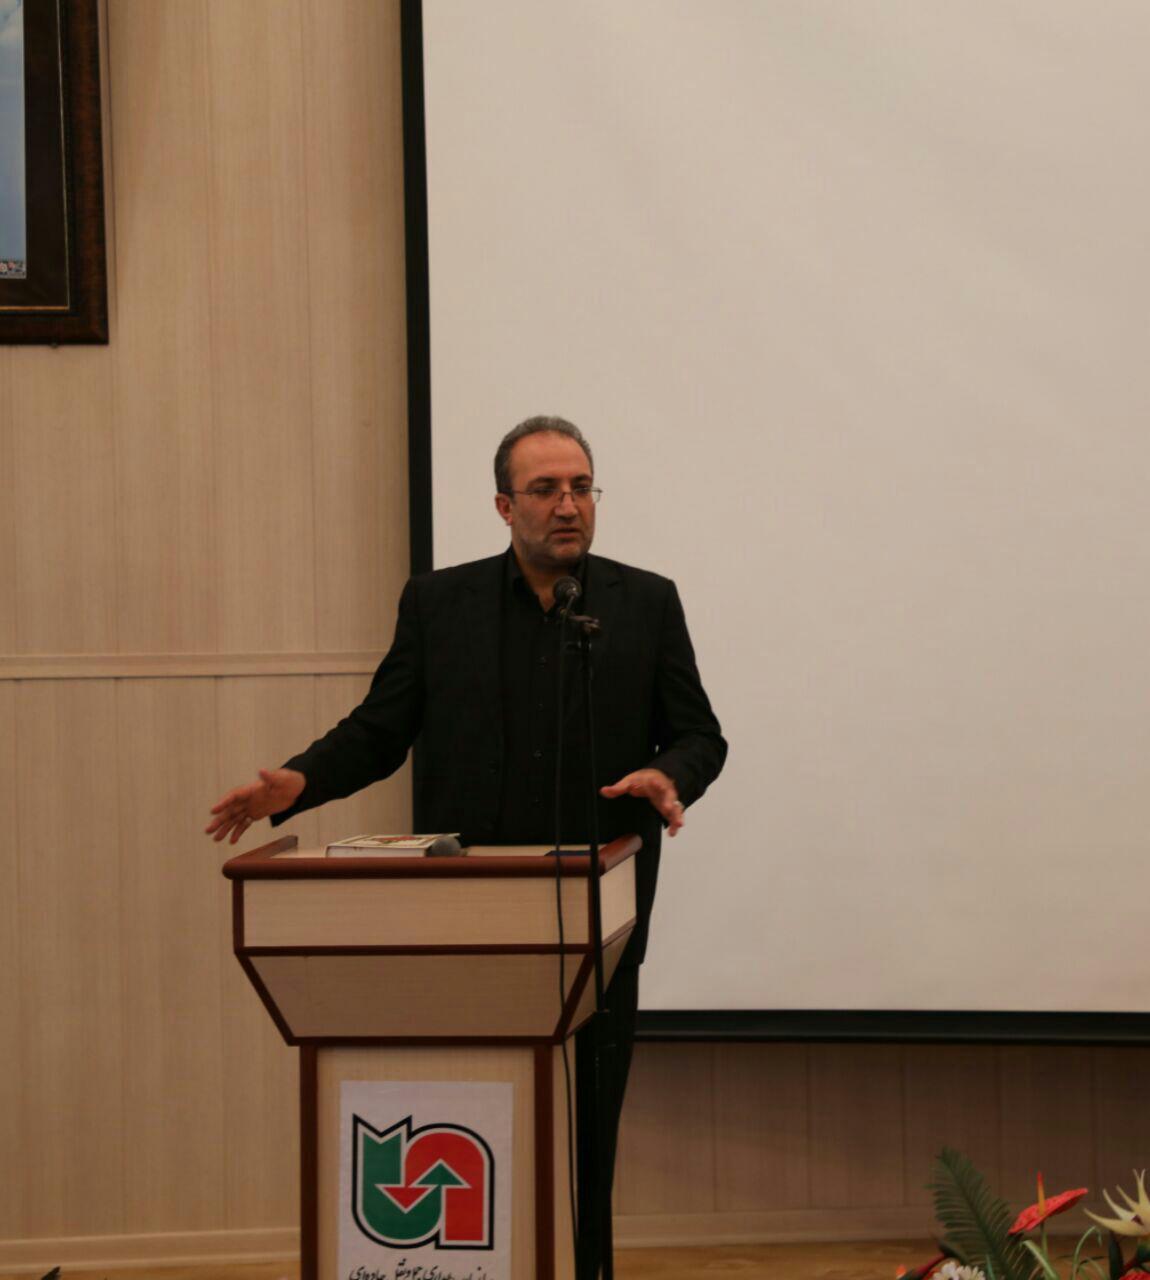 برگزاری همایش شرکتهای حمل و نقل جادهای کالای آذربایجان غربی